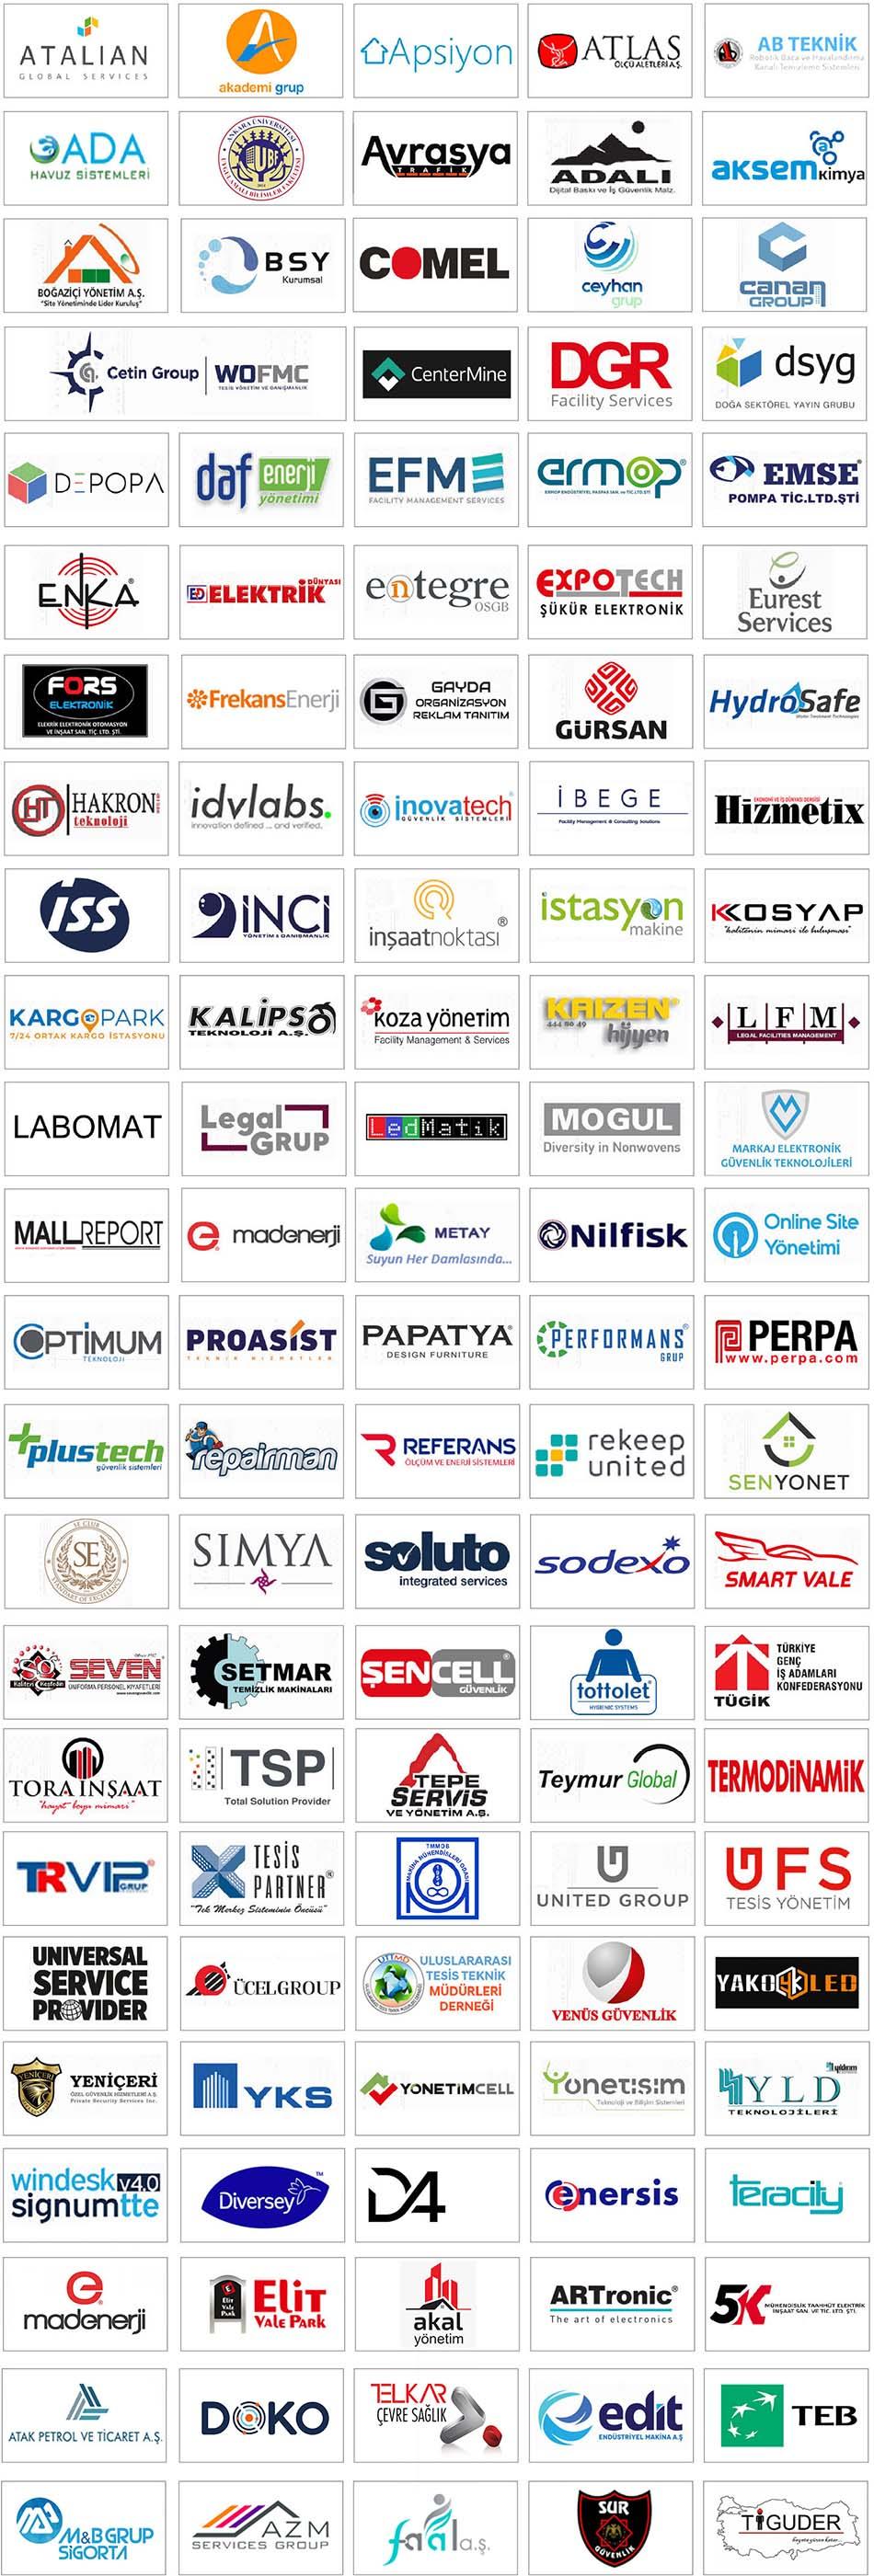 FM Expo İstanbul 2019 Katılımcıları